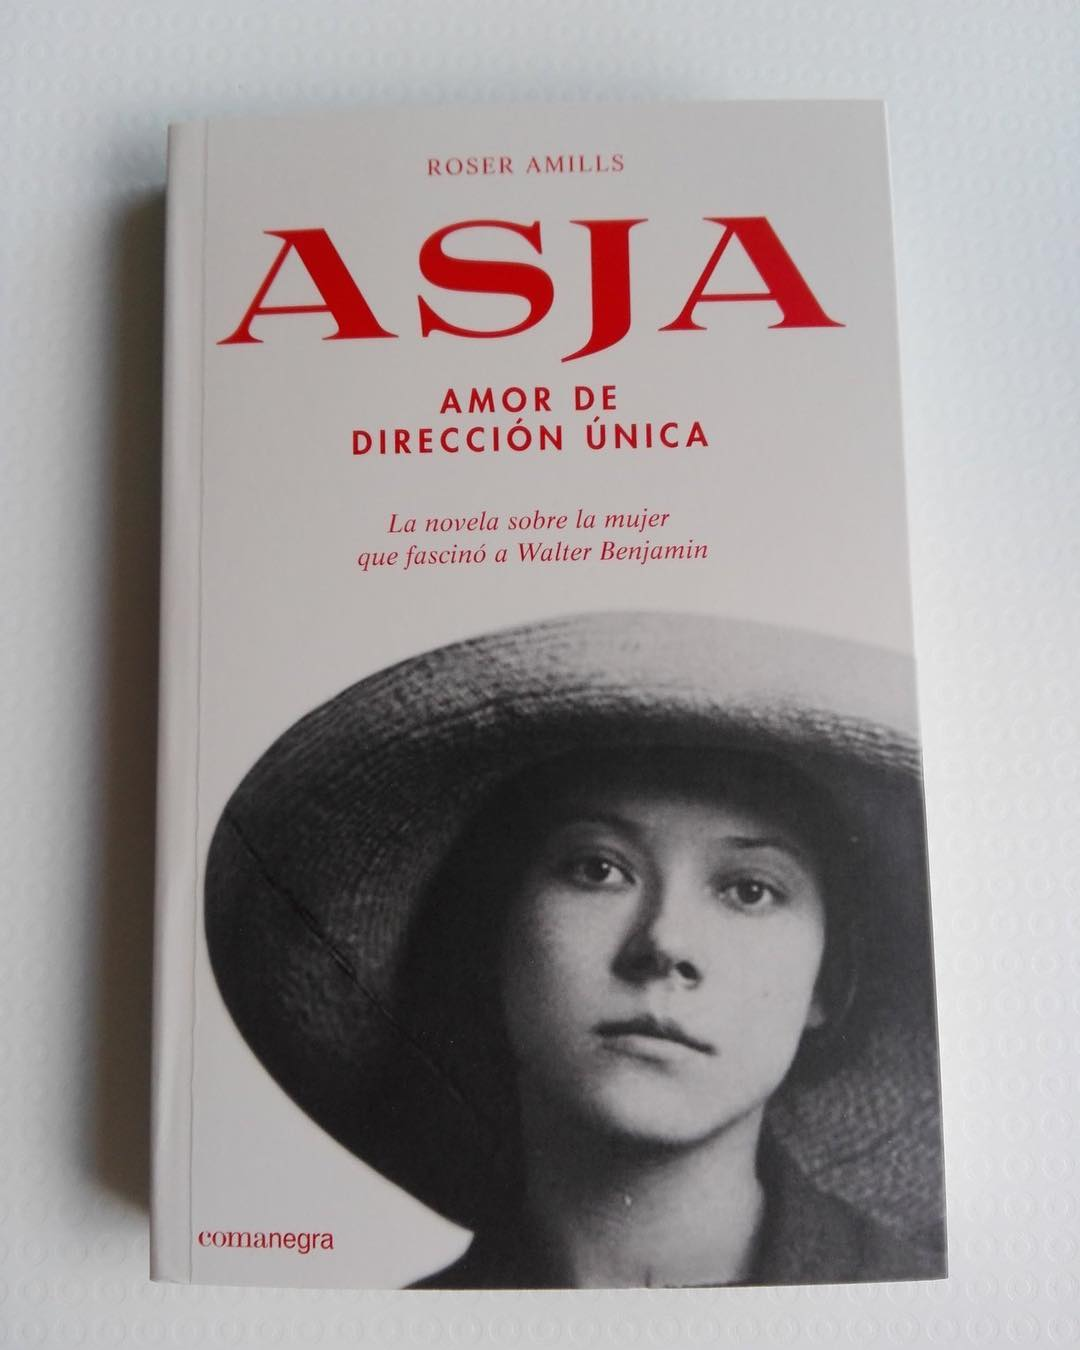 """Y @robertMC21 ya tiene también su ejemplar de la novela """"Asja"""". Tienes tú el tuyo? #asjalacis & #walterbenjamin 💕"""